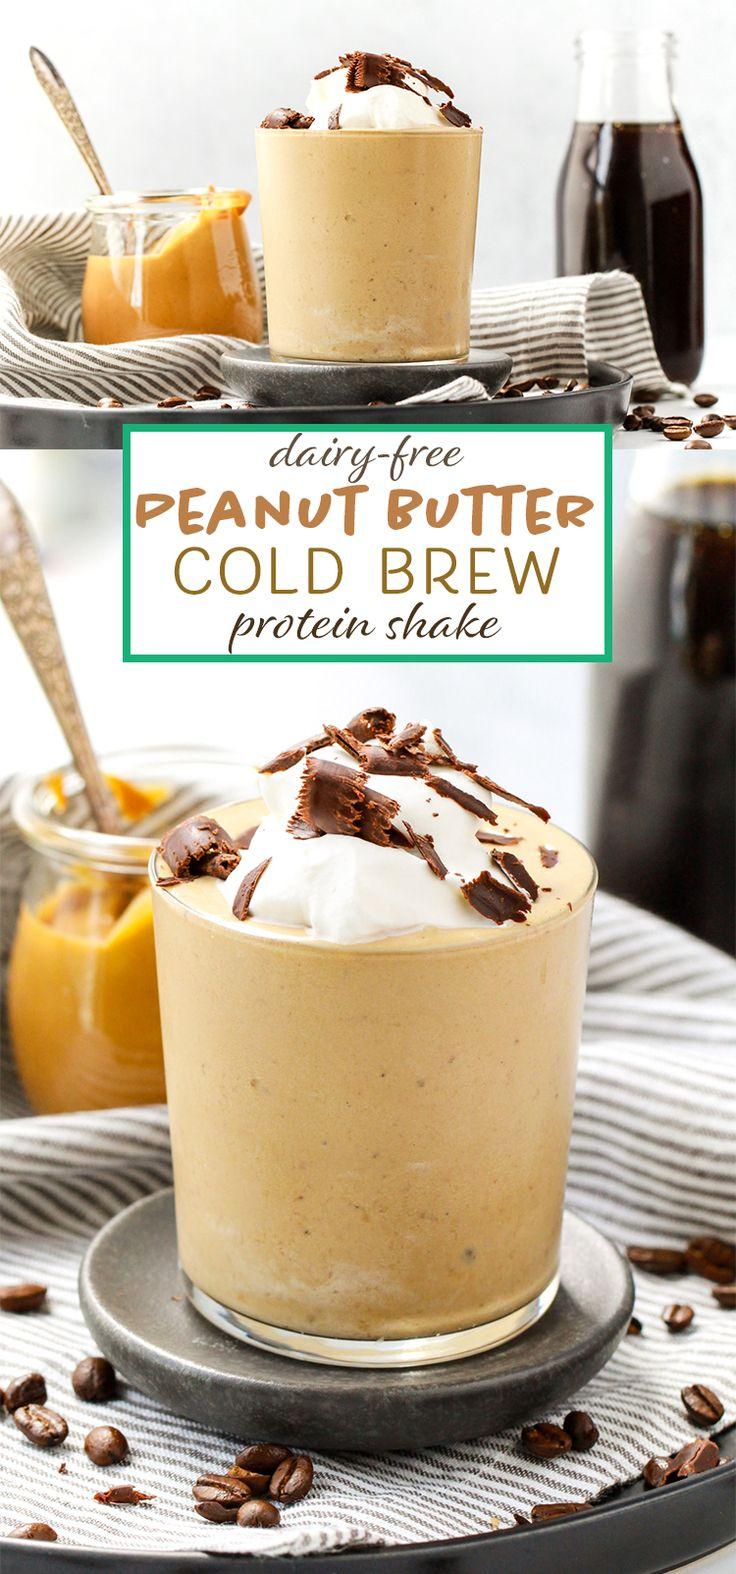 Dairyfree peanut butter cold brew protein shake peanut